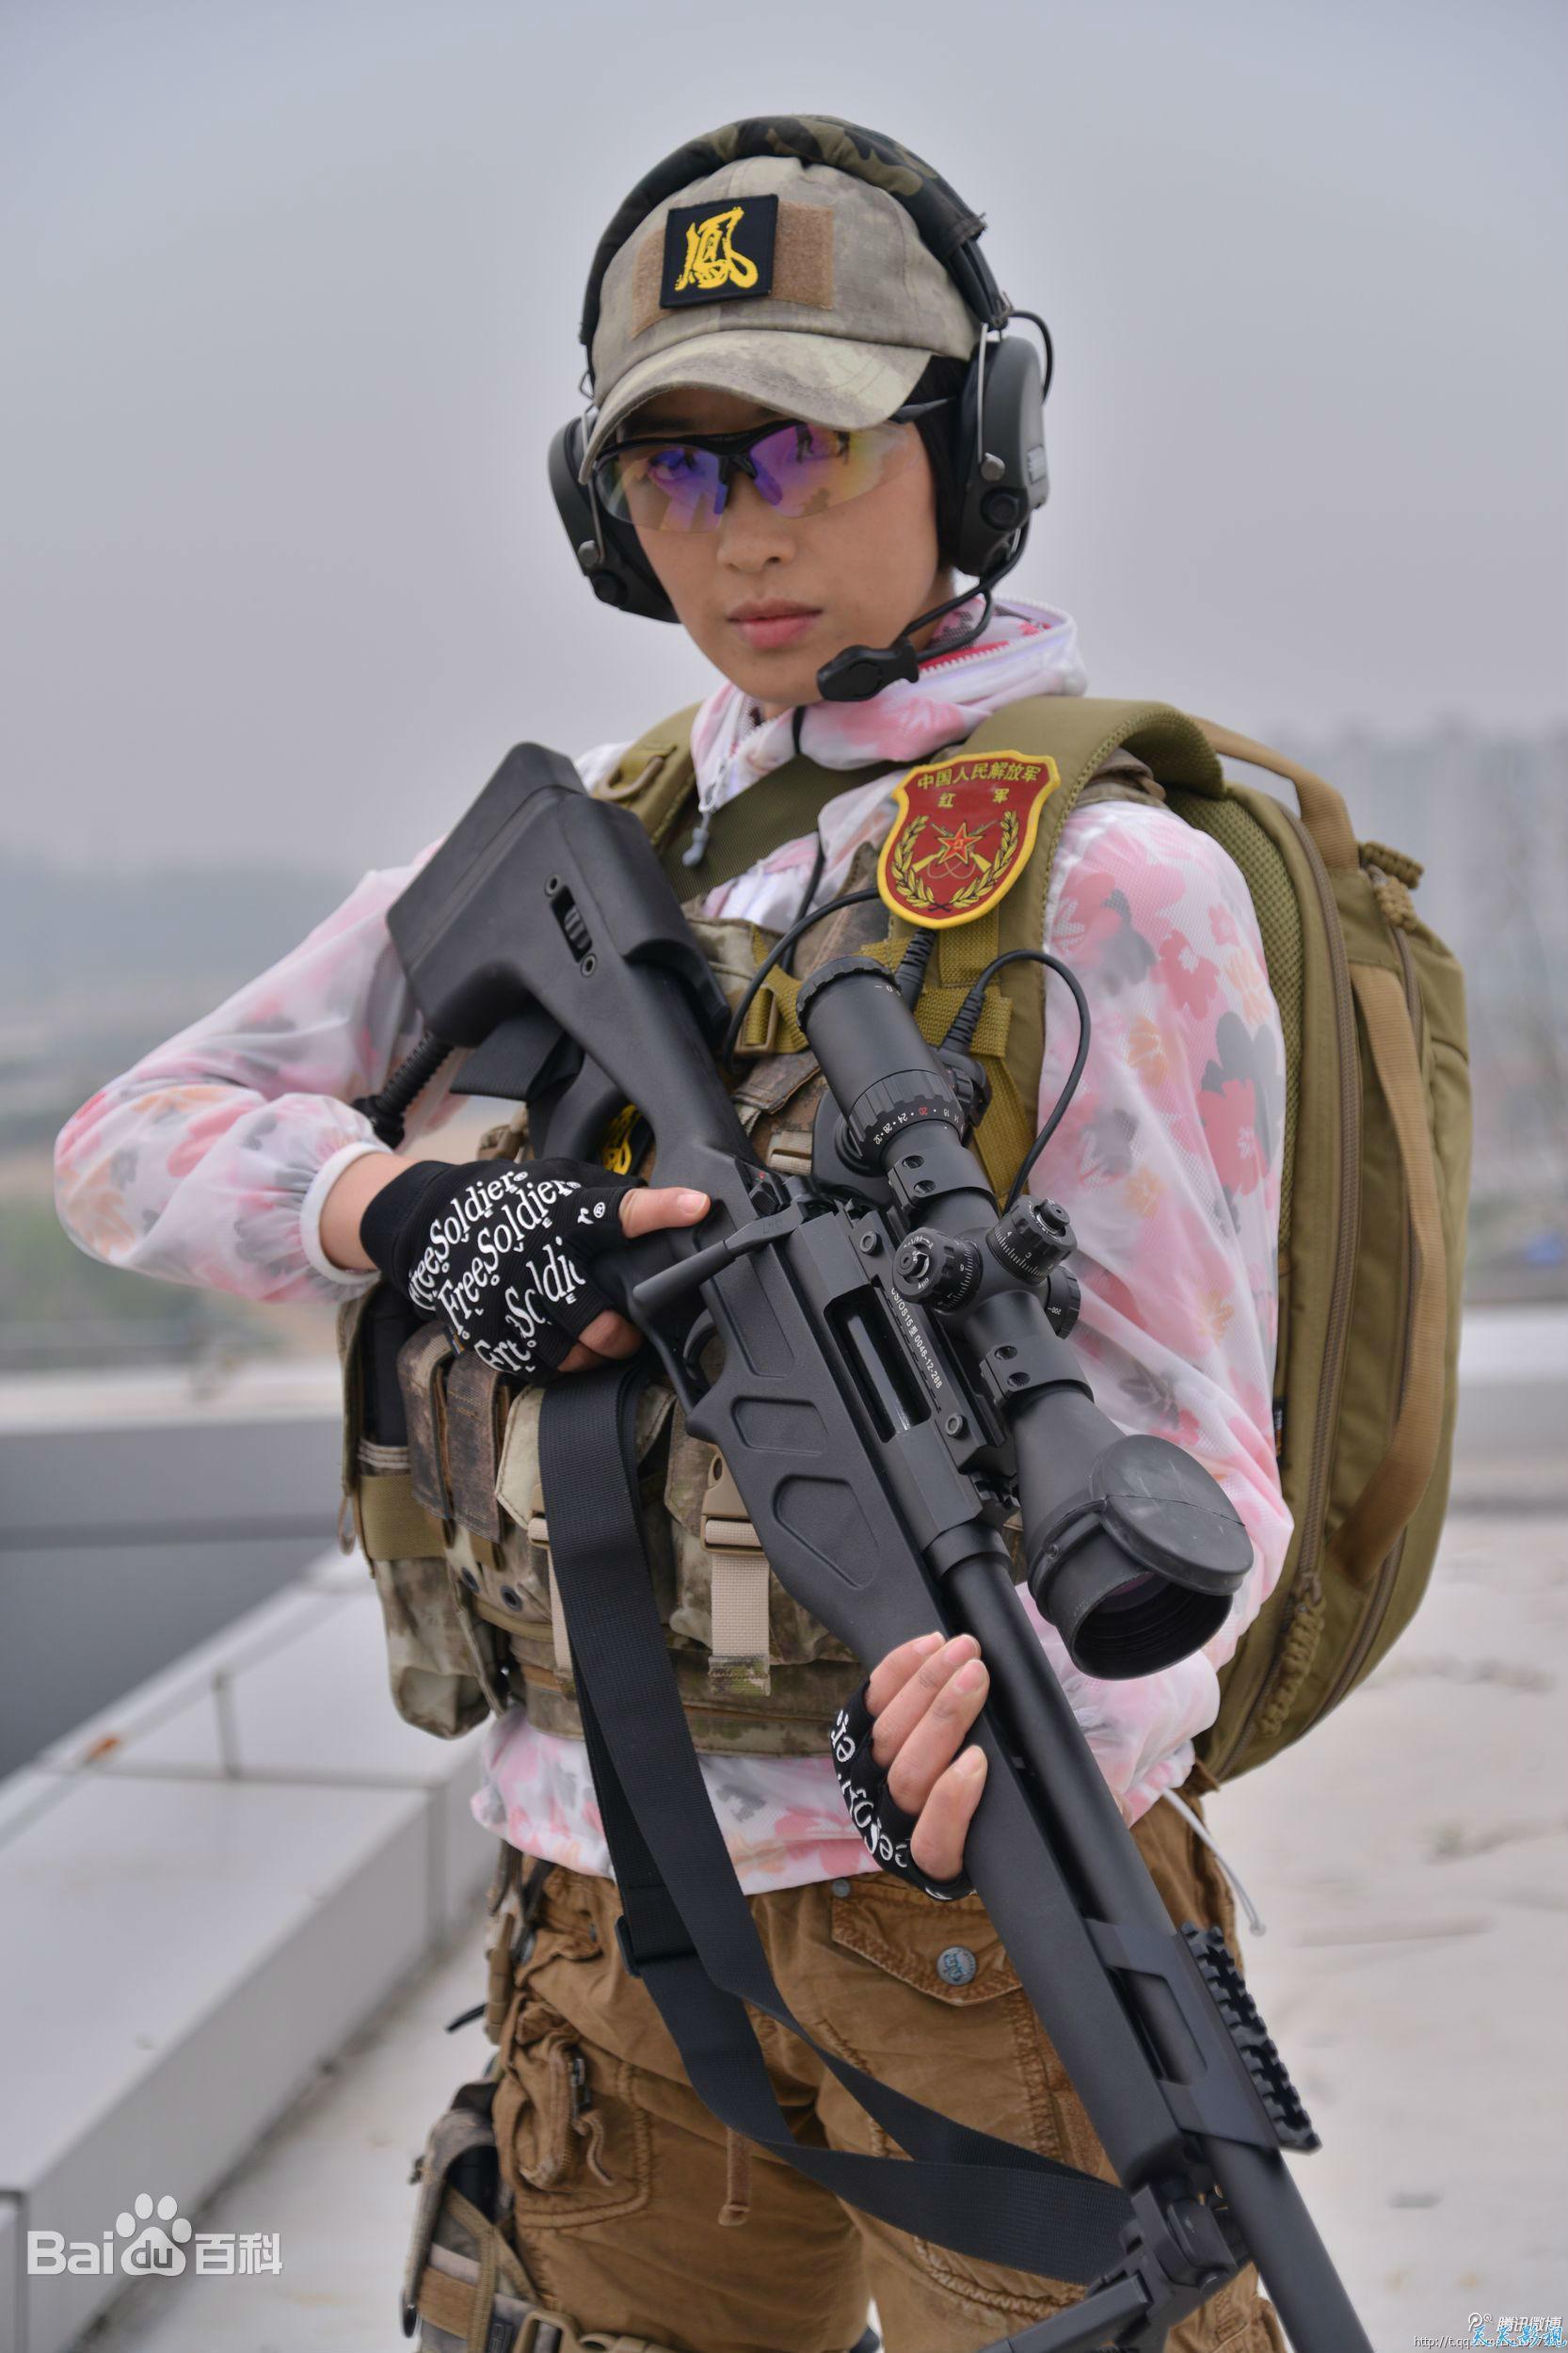 女特种兵火凤凰_谁有特种兵之女凤凰叶寸心这张图的高清大图?_百度知道